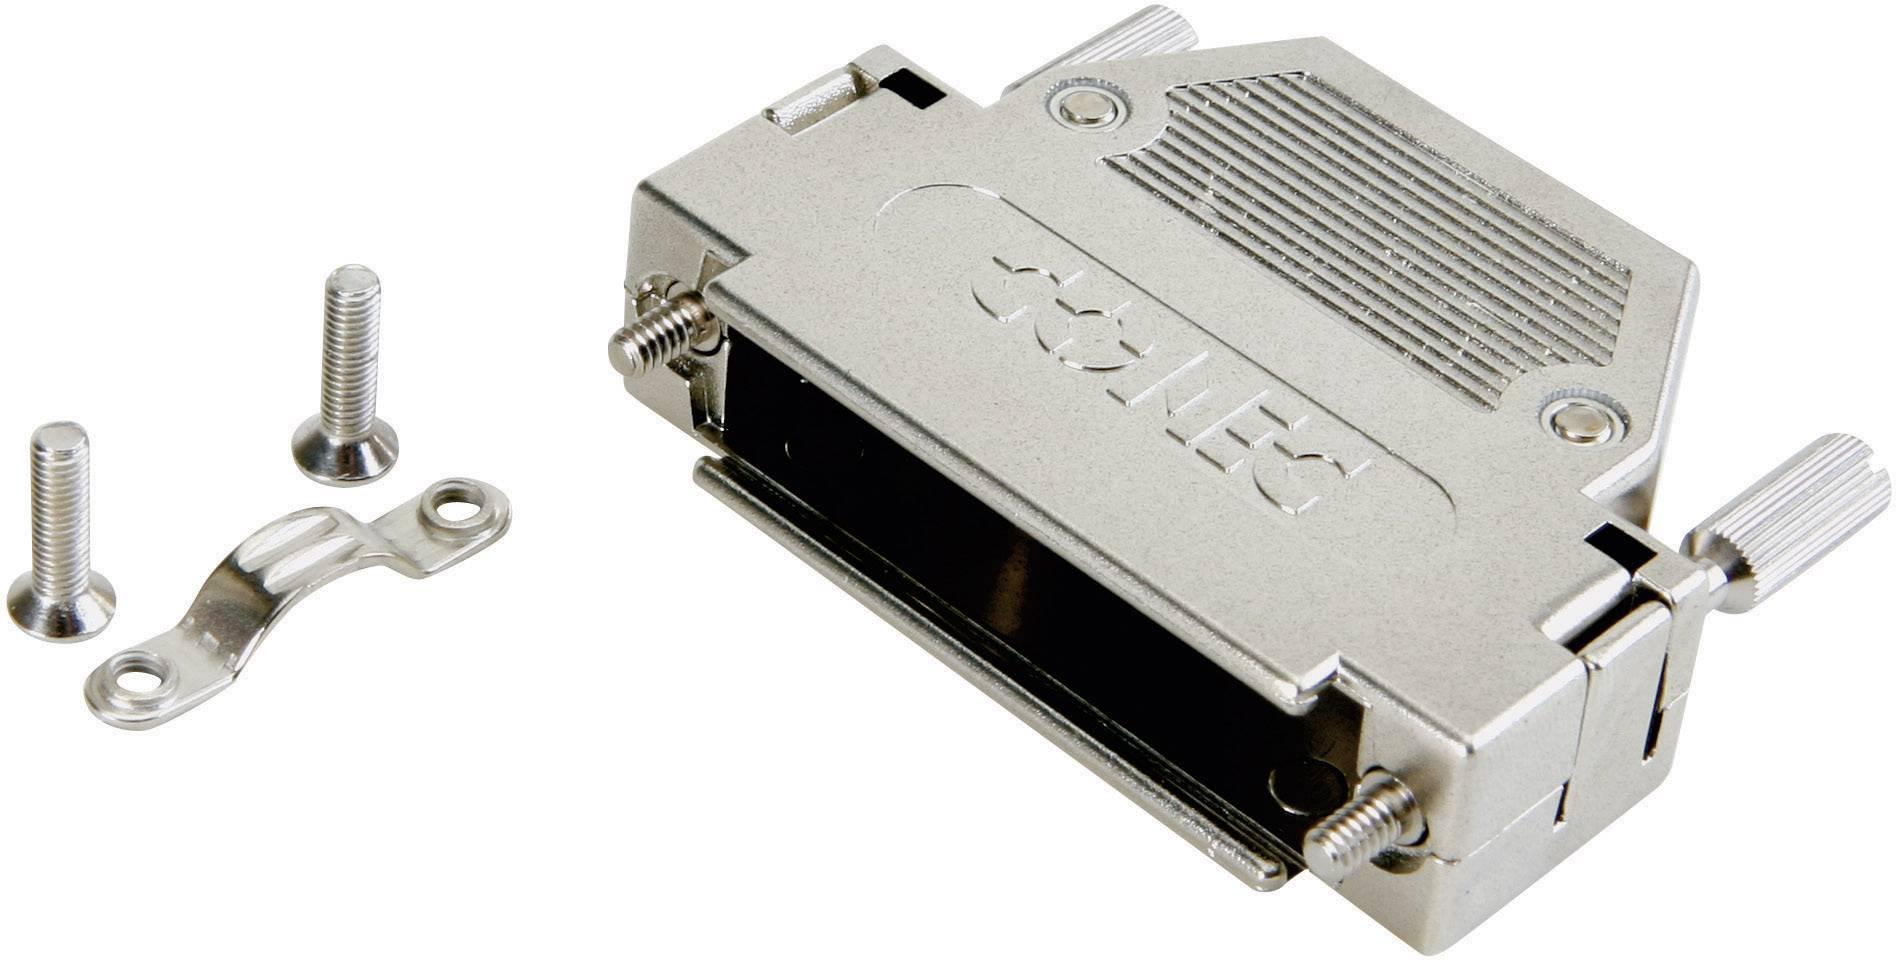 D-SUB pouzdro Conec 165X10179XE 165X10179XE, pólů 50, plast, 180 °, černá, 1 ks